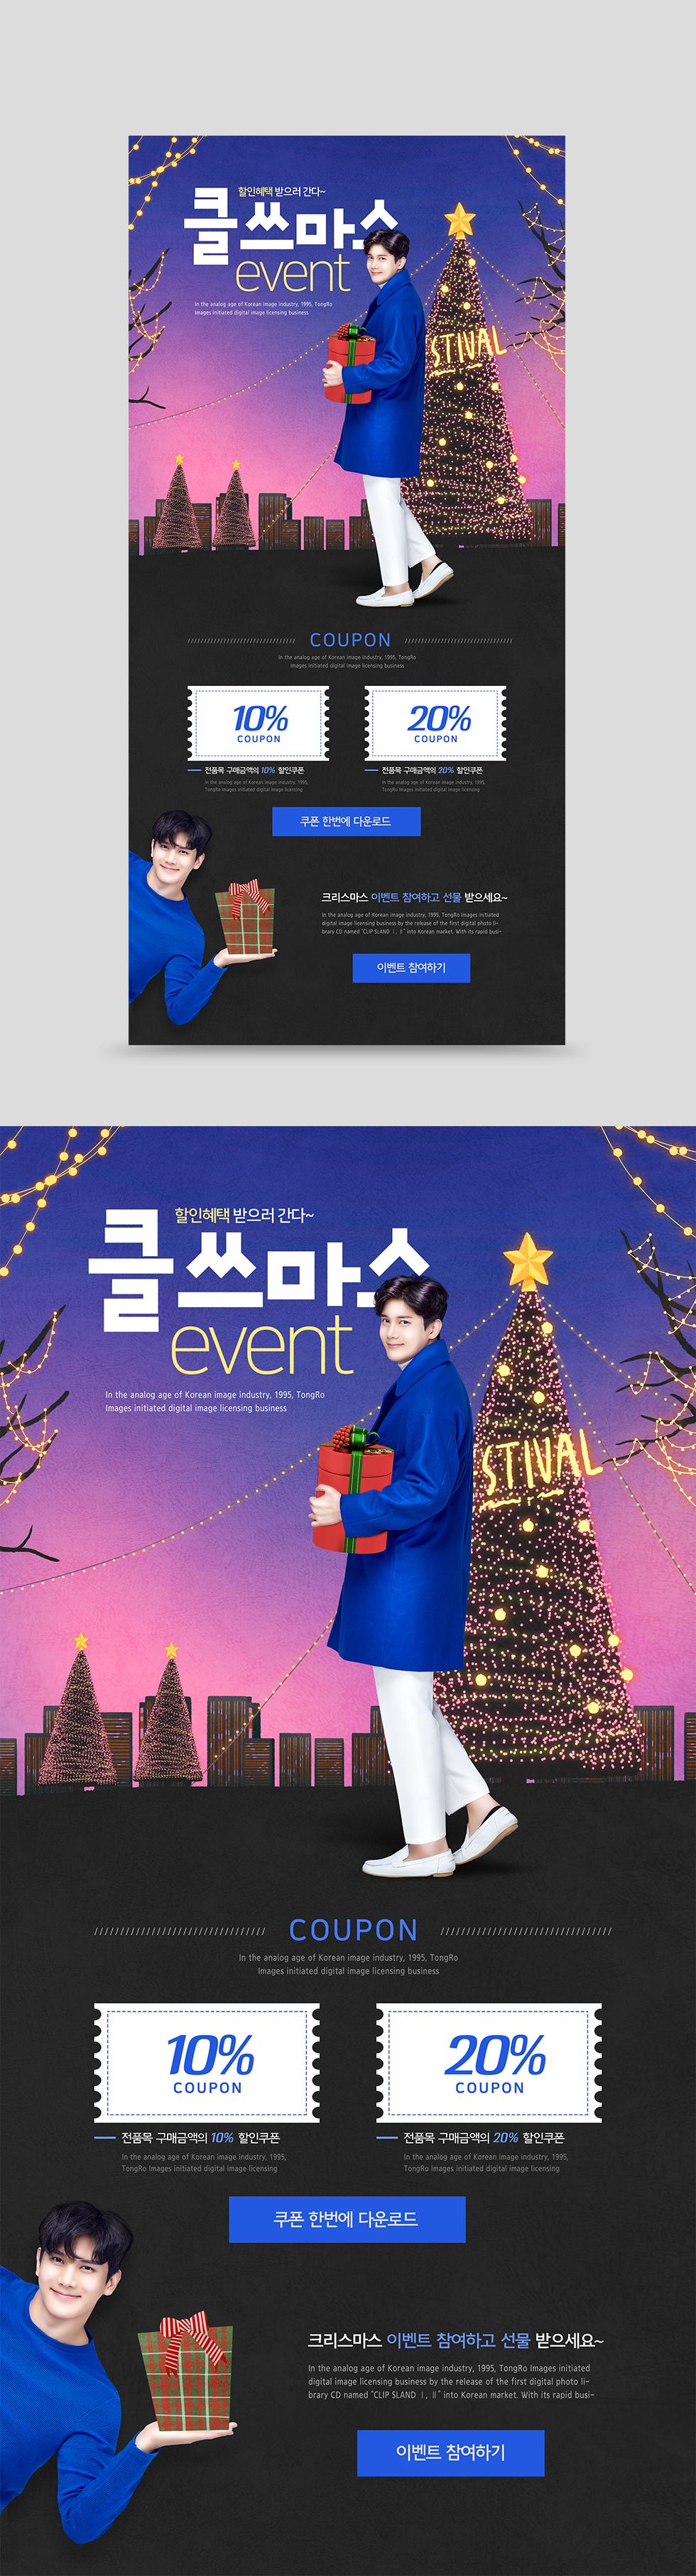 冬天圣诞节新年元旦打折促销活动网页模板psd分层设计素材